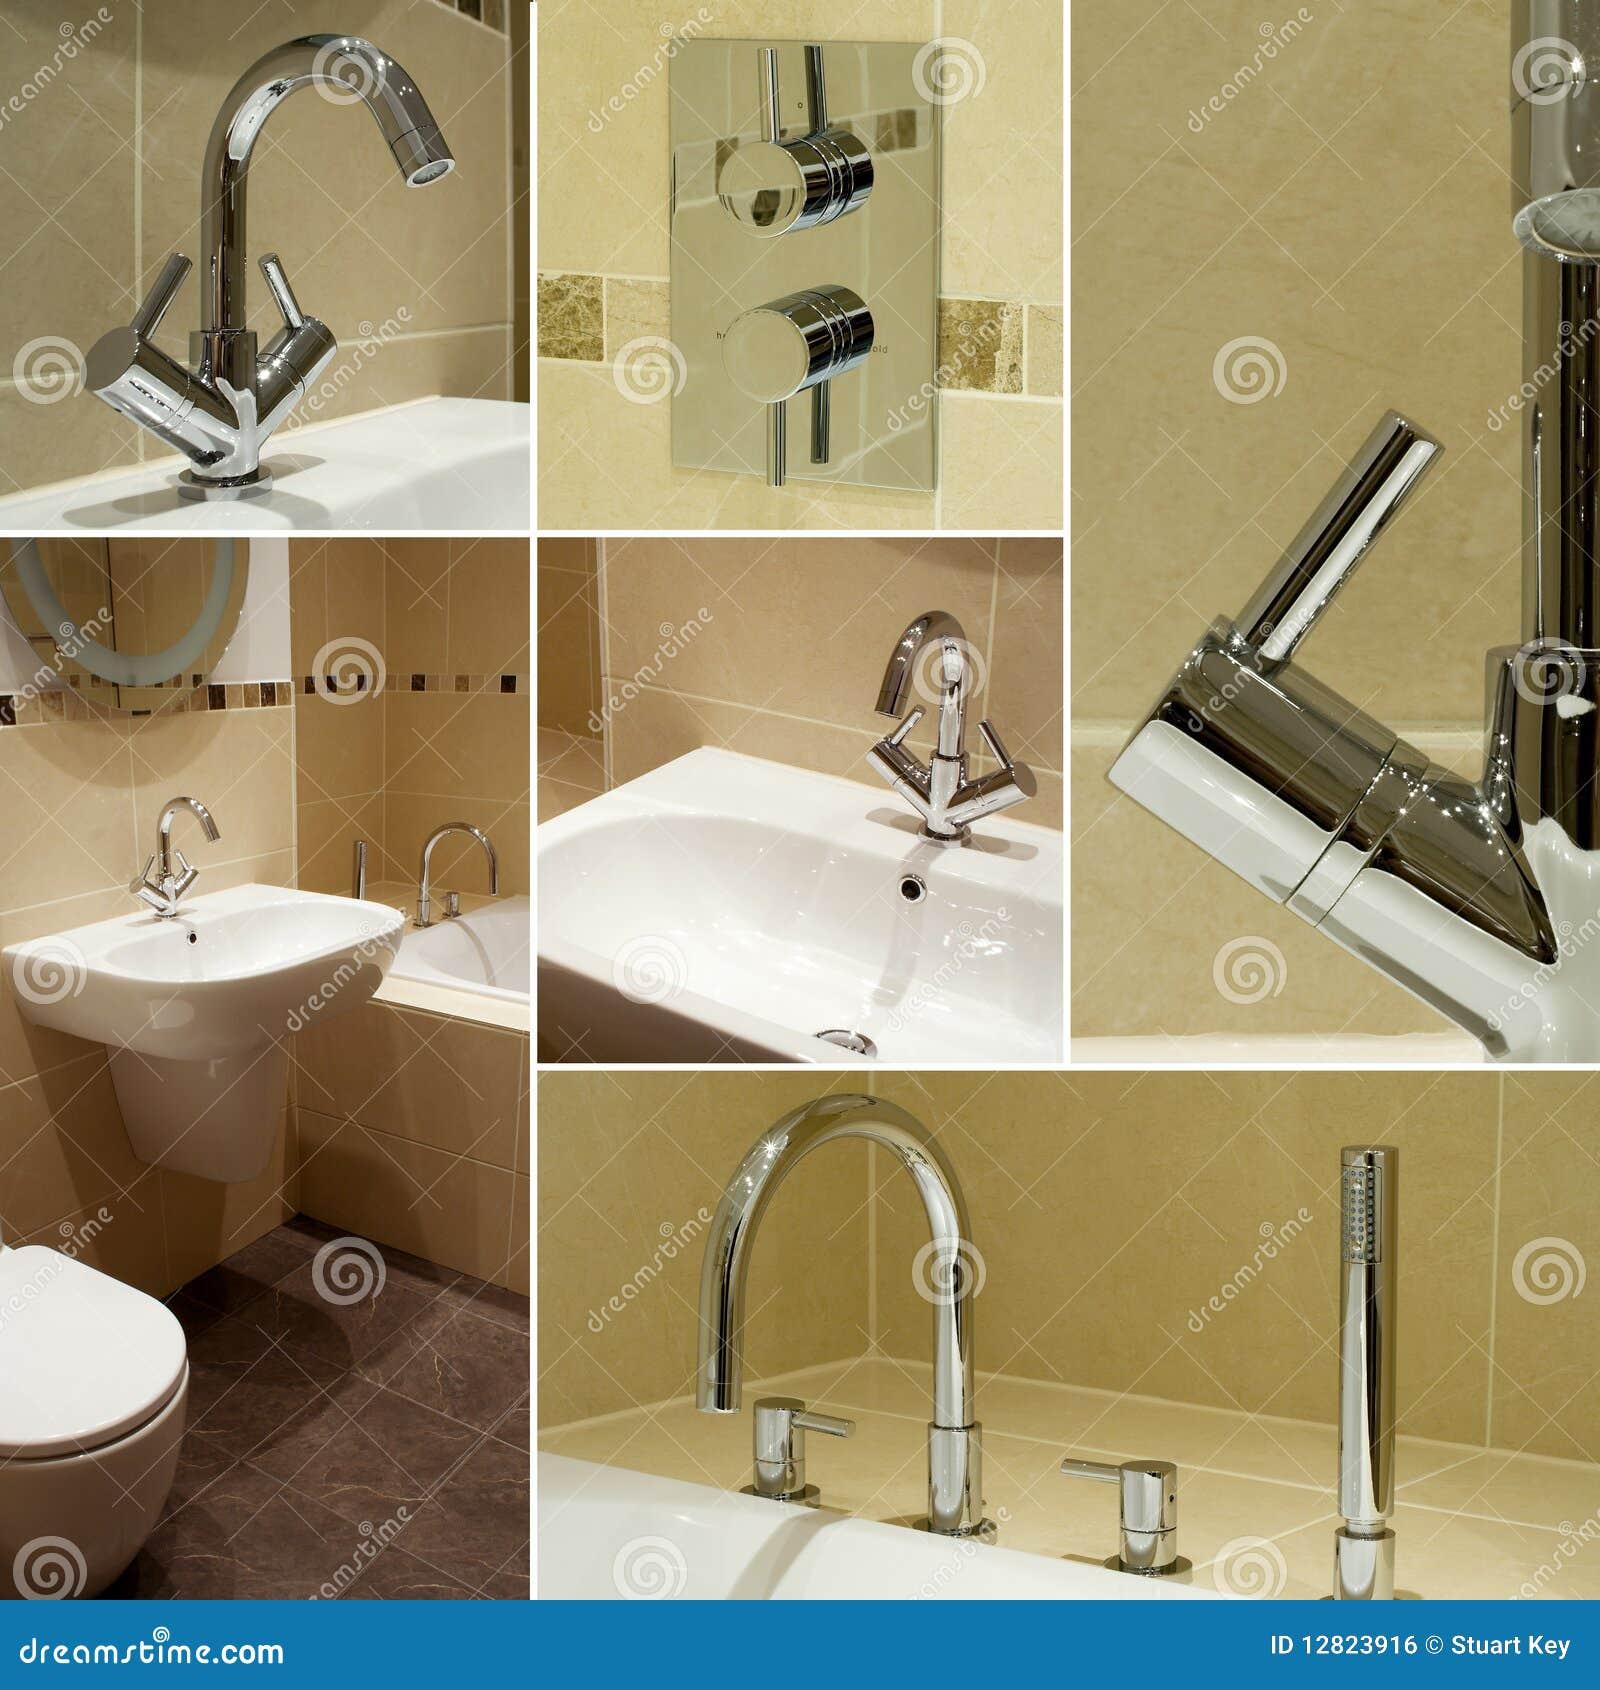 Come riscaldare la stanza da bagno la scelta giusta - Riscaldare il bagno ...